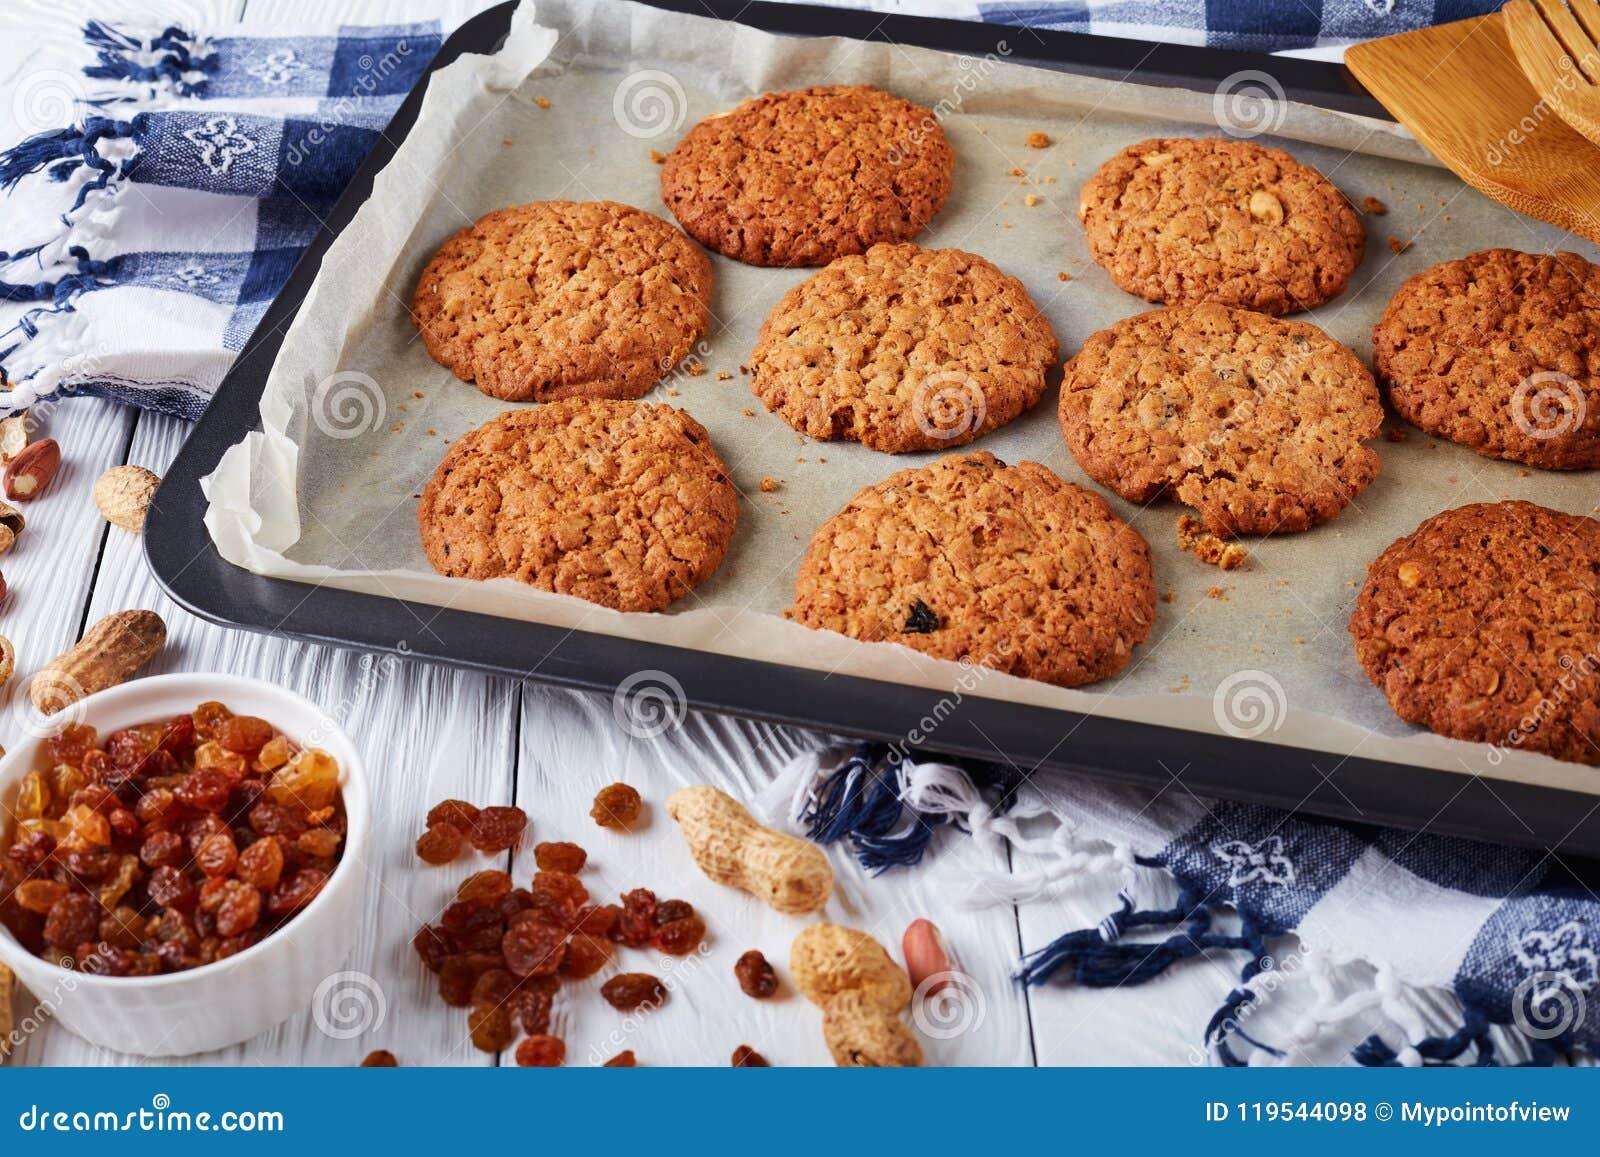 Biscuits de farine d avoine croustillants fraîchement cuits au four, plan rapproché